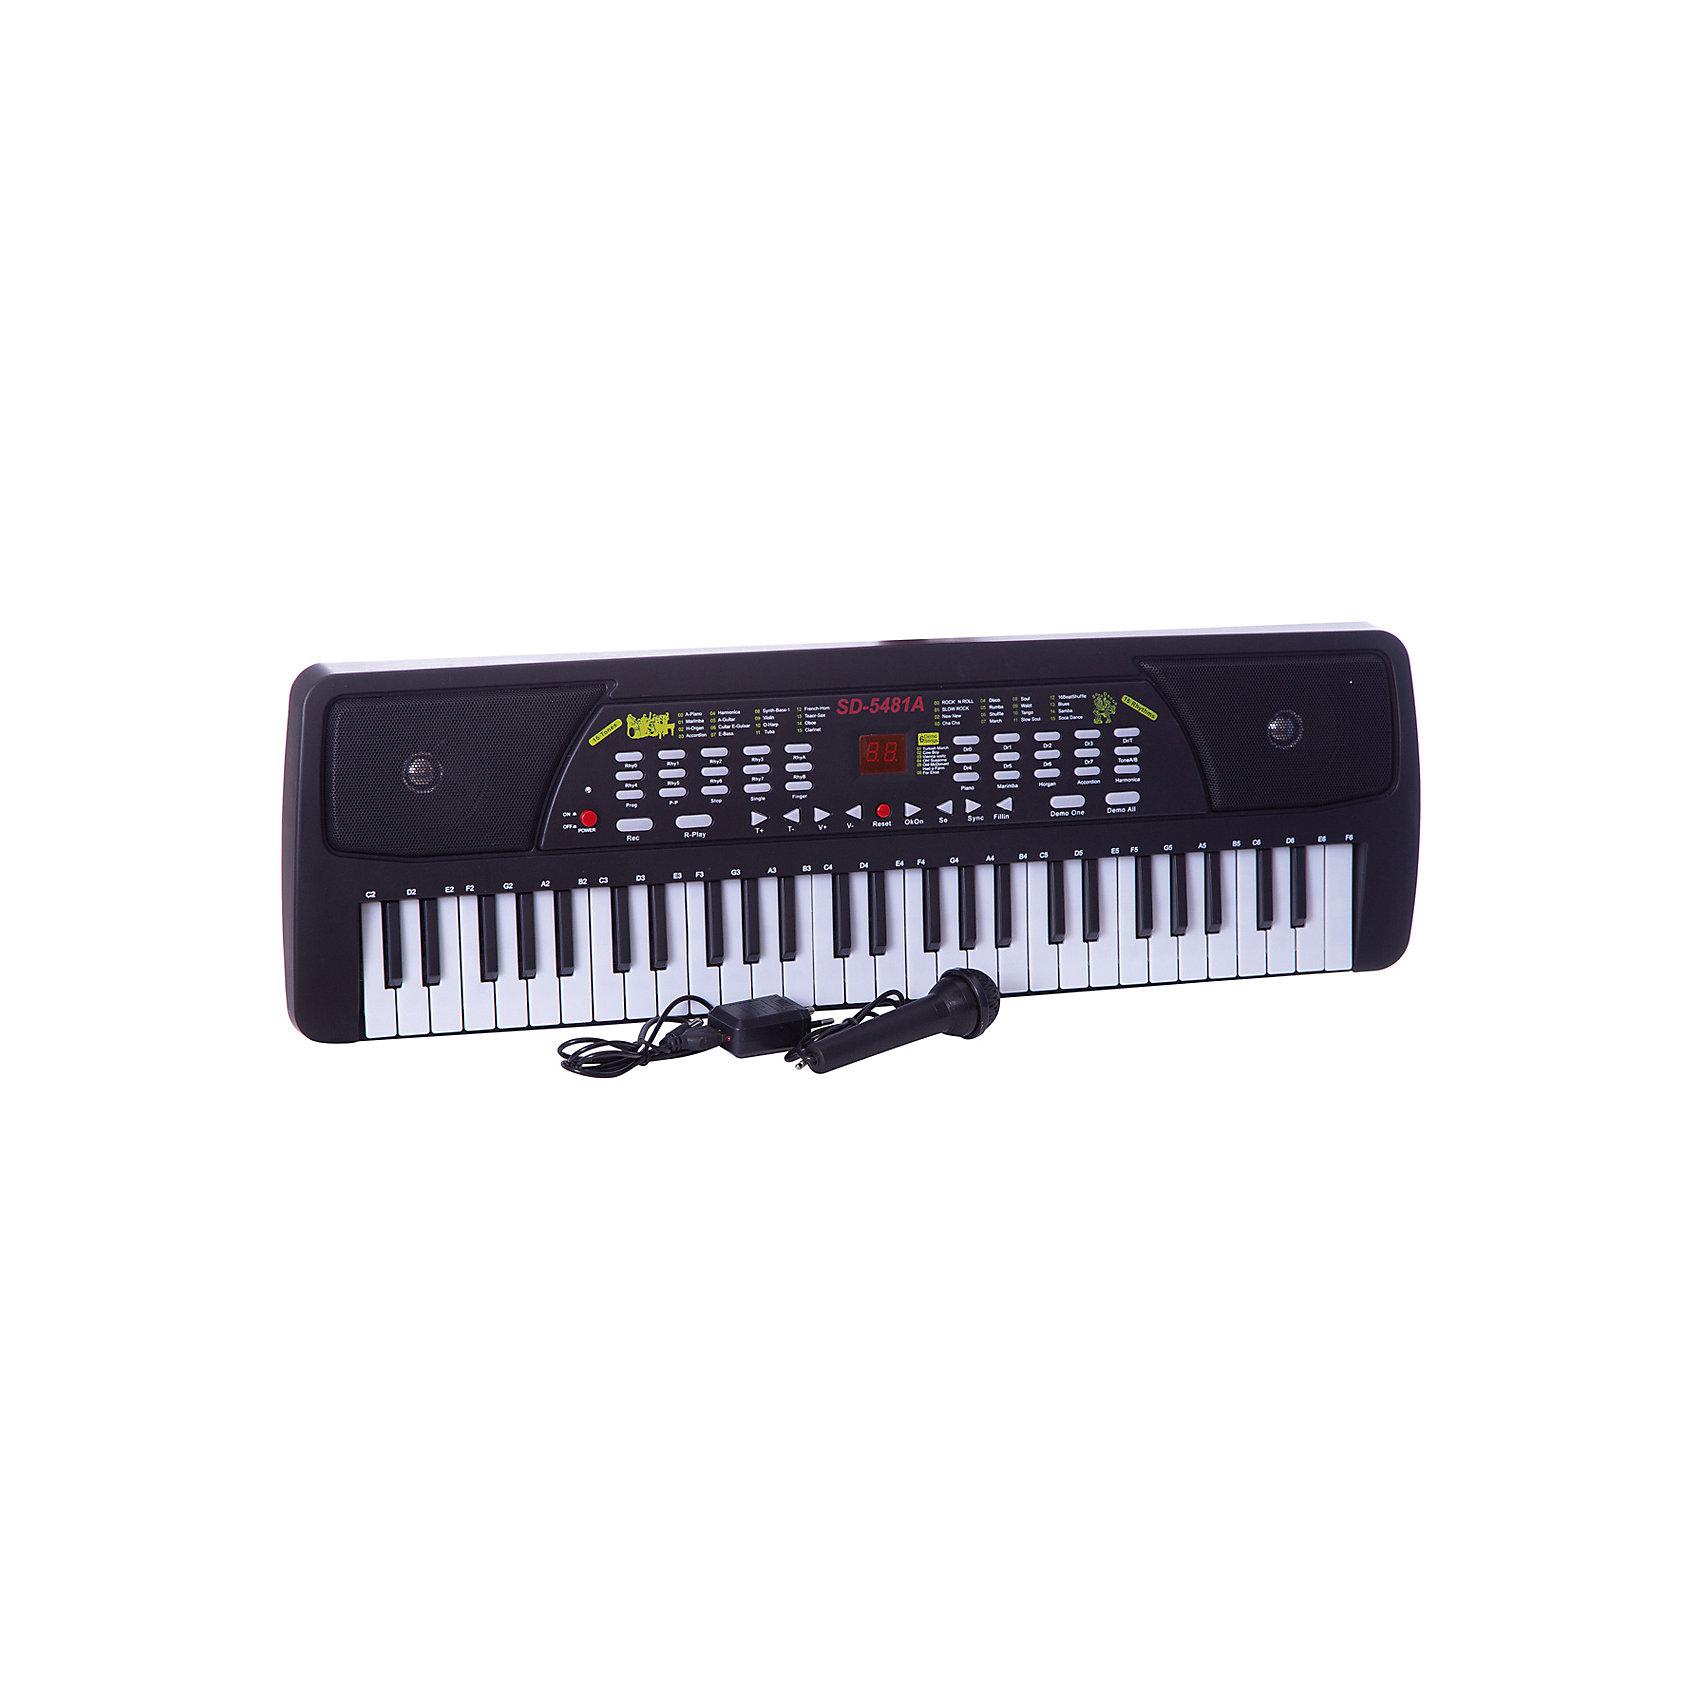 DoReMi Синтезатор с микрофоном, 54 клавишиМузыкальные инструменты и игрушки<br>Настоящий, почти взрослый синтезатор позволит ребенку почувствовать себя настоящим музыкантом. У него 54 клавиши, микрофон, 6 предзаписанных мелодий, 16 тональностей, 16 ритмов, встроенные функции программирования ритма, записи и воспроизведения. <br><br>Дополнительная информация:<br><br>Размеры: 68,5x8,7x23,6<br>Работает как от сети (DC6V - в комплекте), так и от батареек (4хАА - в комплекте нет)<br>Регулировка громкости и темпа<br><br>DoReMi Синтезатор с микрофоном, 54 клавиши можно купить в нашем магазине.<br><br>Ширина мм: 685<br>Глубина мм: 87<br>Высота мм: 236<br>Вес г: 1830<br>Возраст от месяцев: 60<br>Возраст до месяцев: 1188<br>Пол: Унисекс<br>Возраст: Детский<br>SKU: 2557197